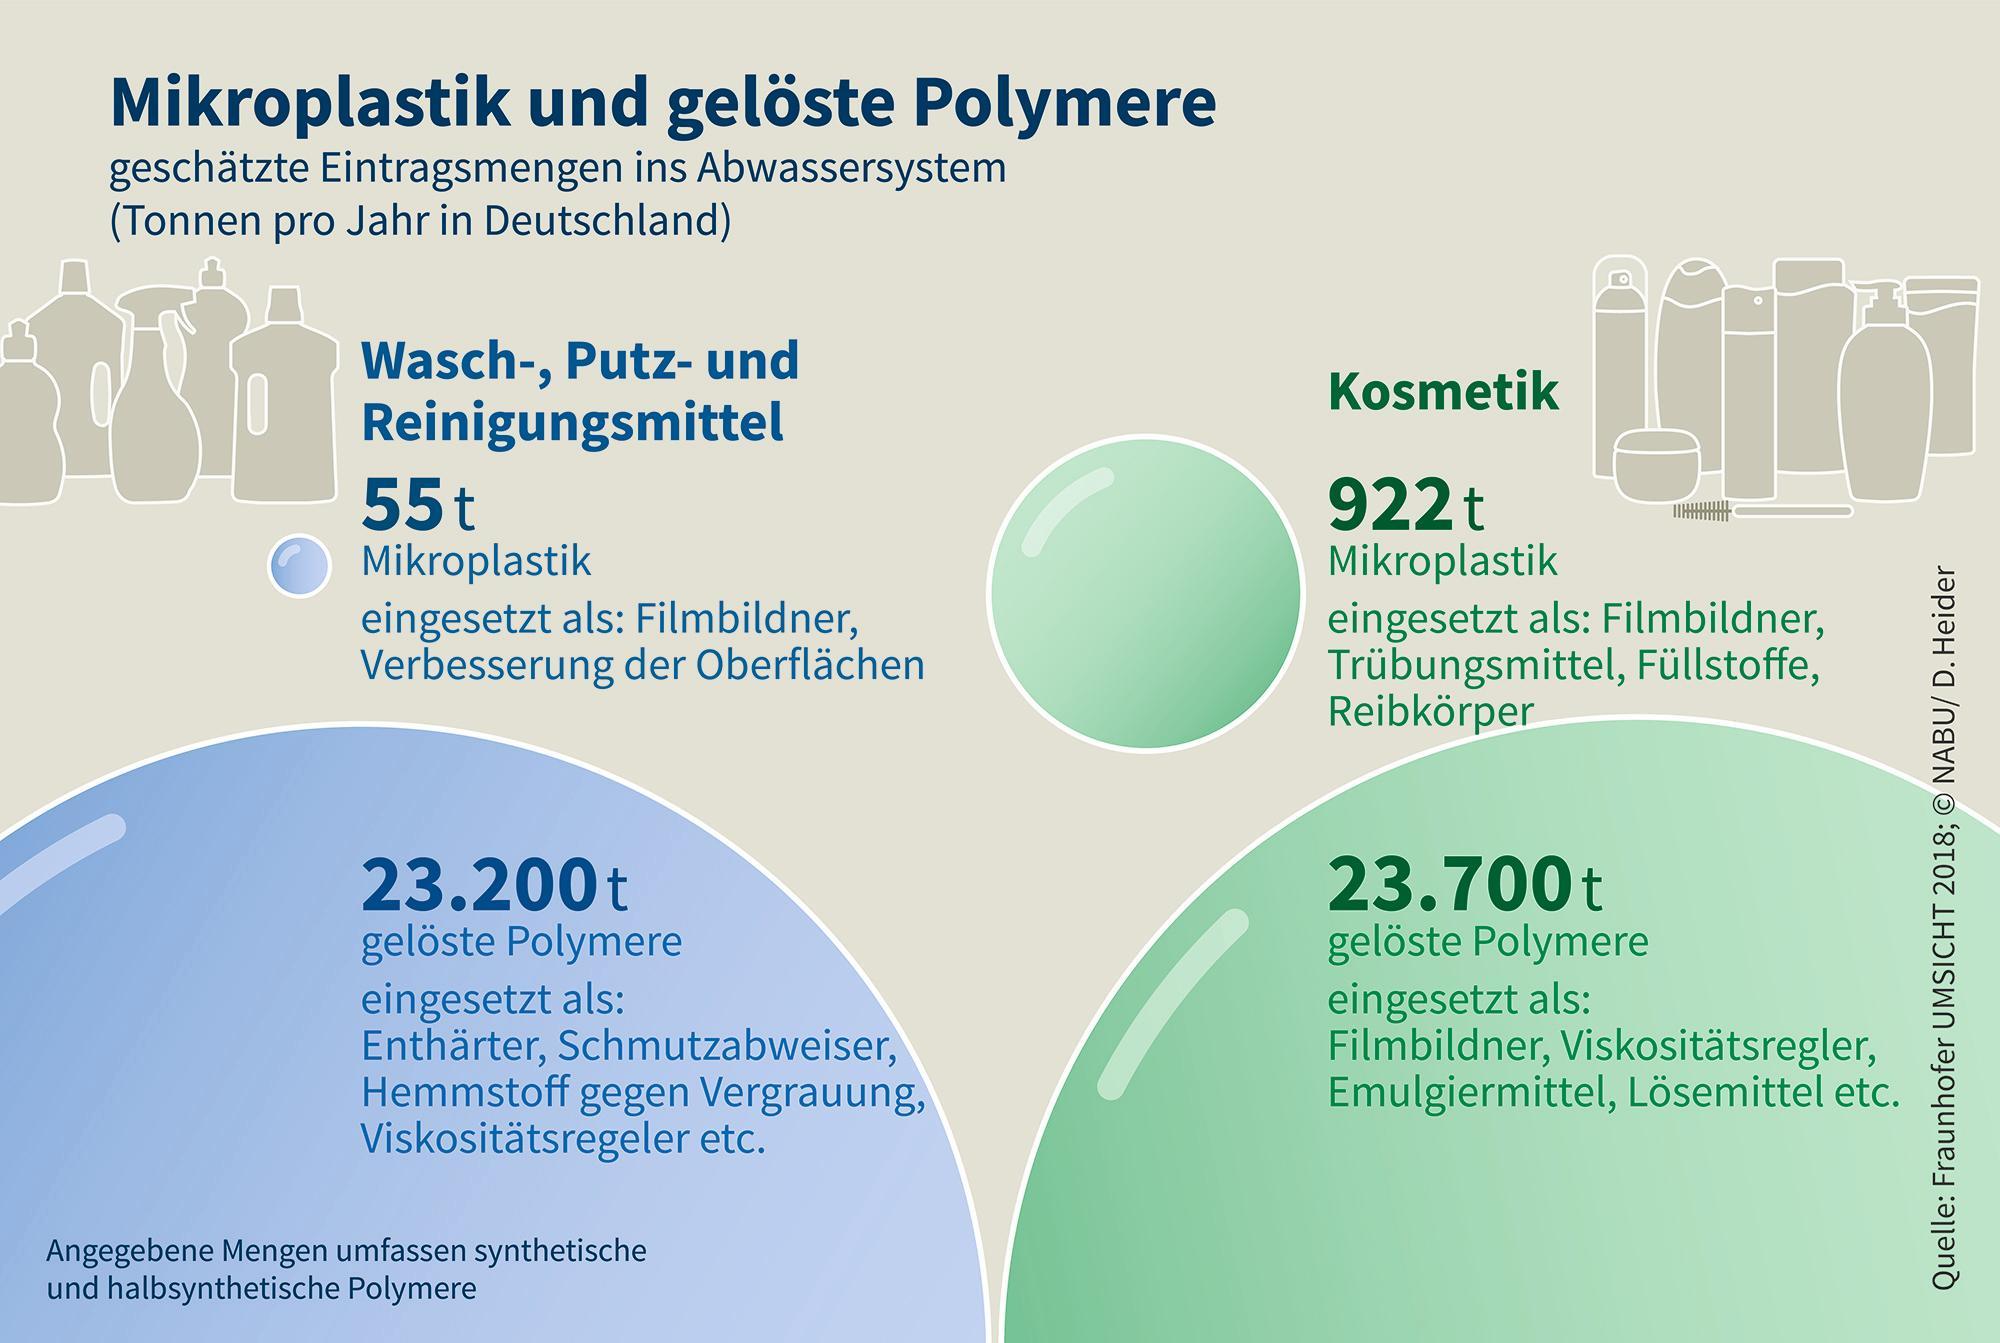 48000 Tonnen Mikroplastik und gelöste Polymere gelangen ins Meer